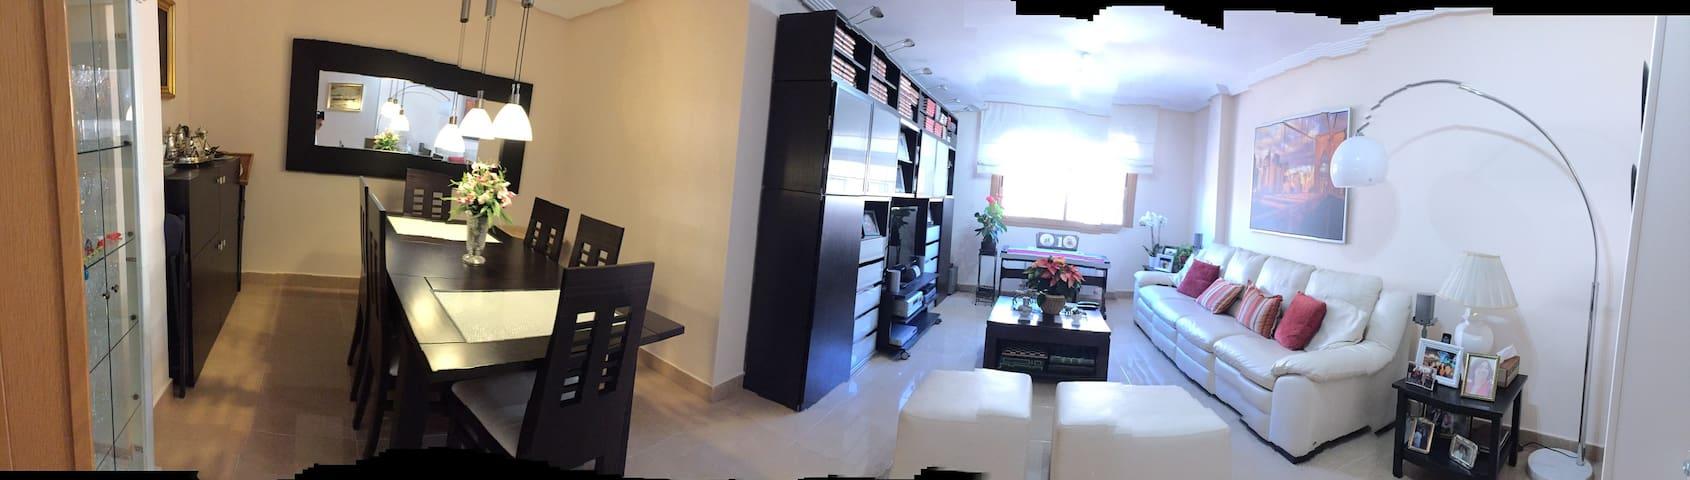 Gran apartamento ideal para familias Cerca del aeropuerto de Madrid para 5/6 personas. Zona tranquila